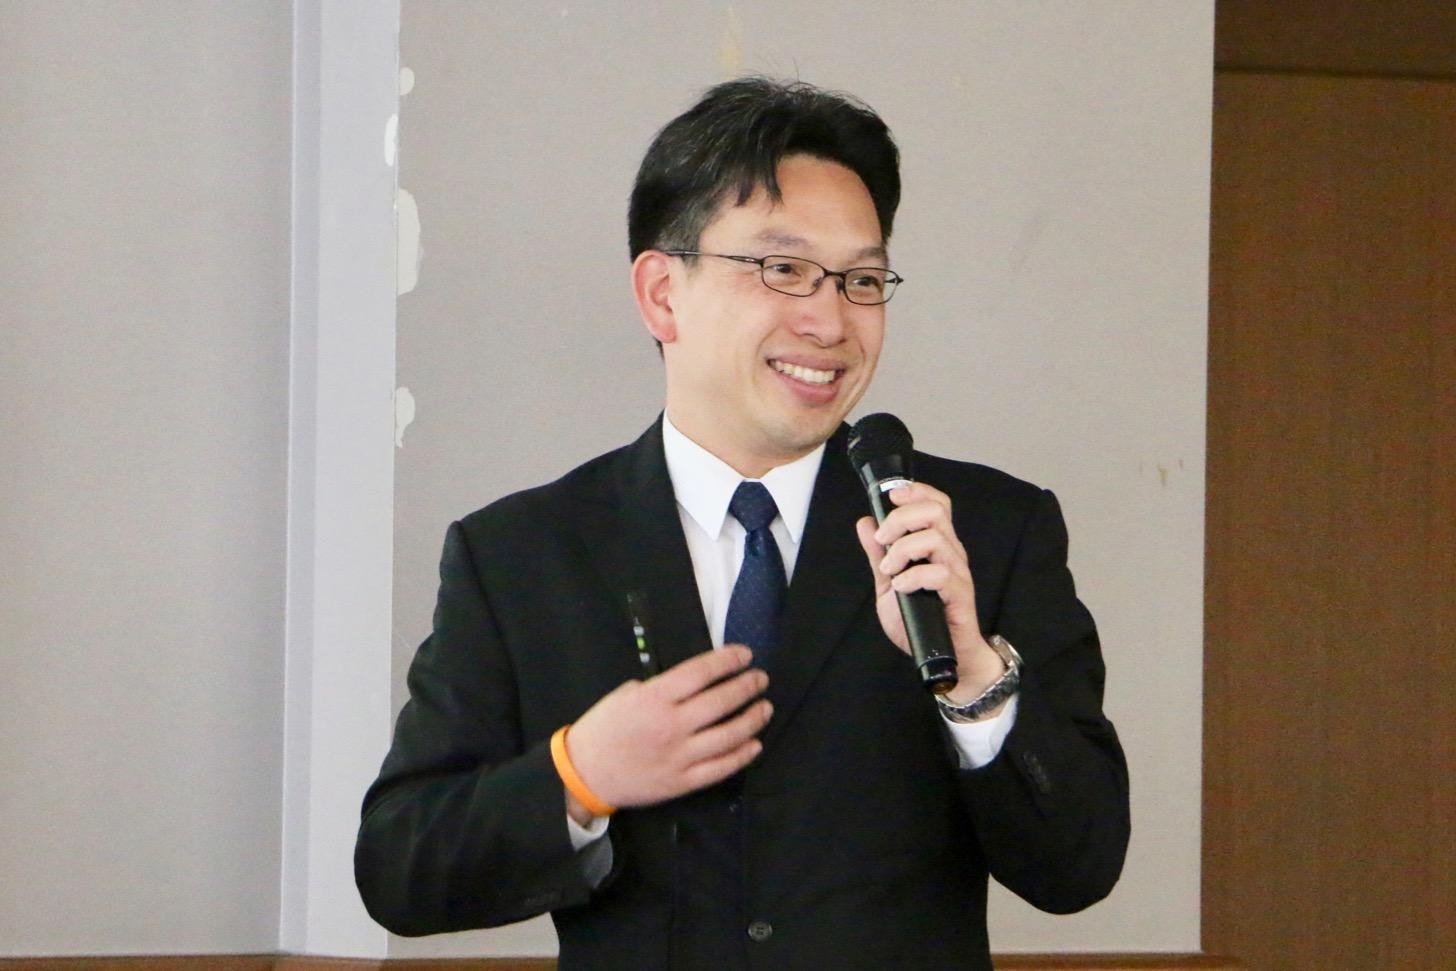 一般社団法人全国老人ホーム紹介機構(JRS)理事長の真山英二さん